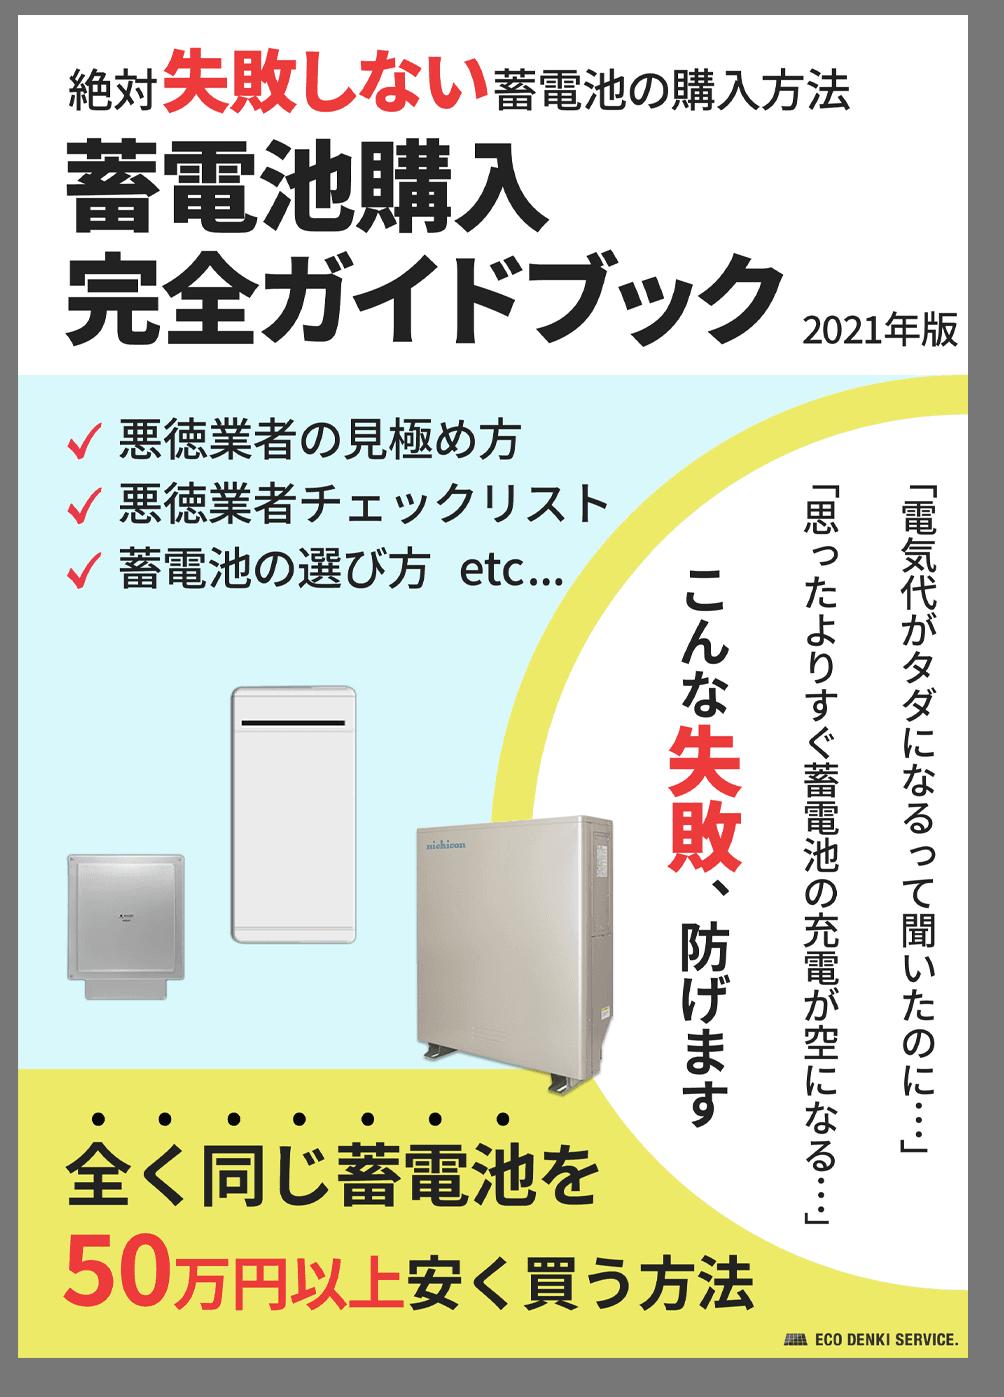 絶対失敗しない蓄電池の購入方法 蓄電池購入完全ガイドブック2021年版 全く同じ蓄電池を50万円以上安く買う方法